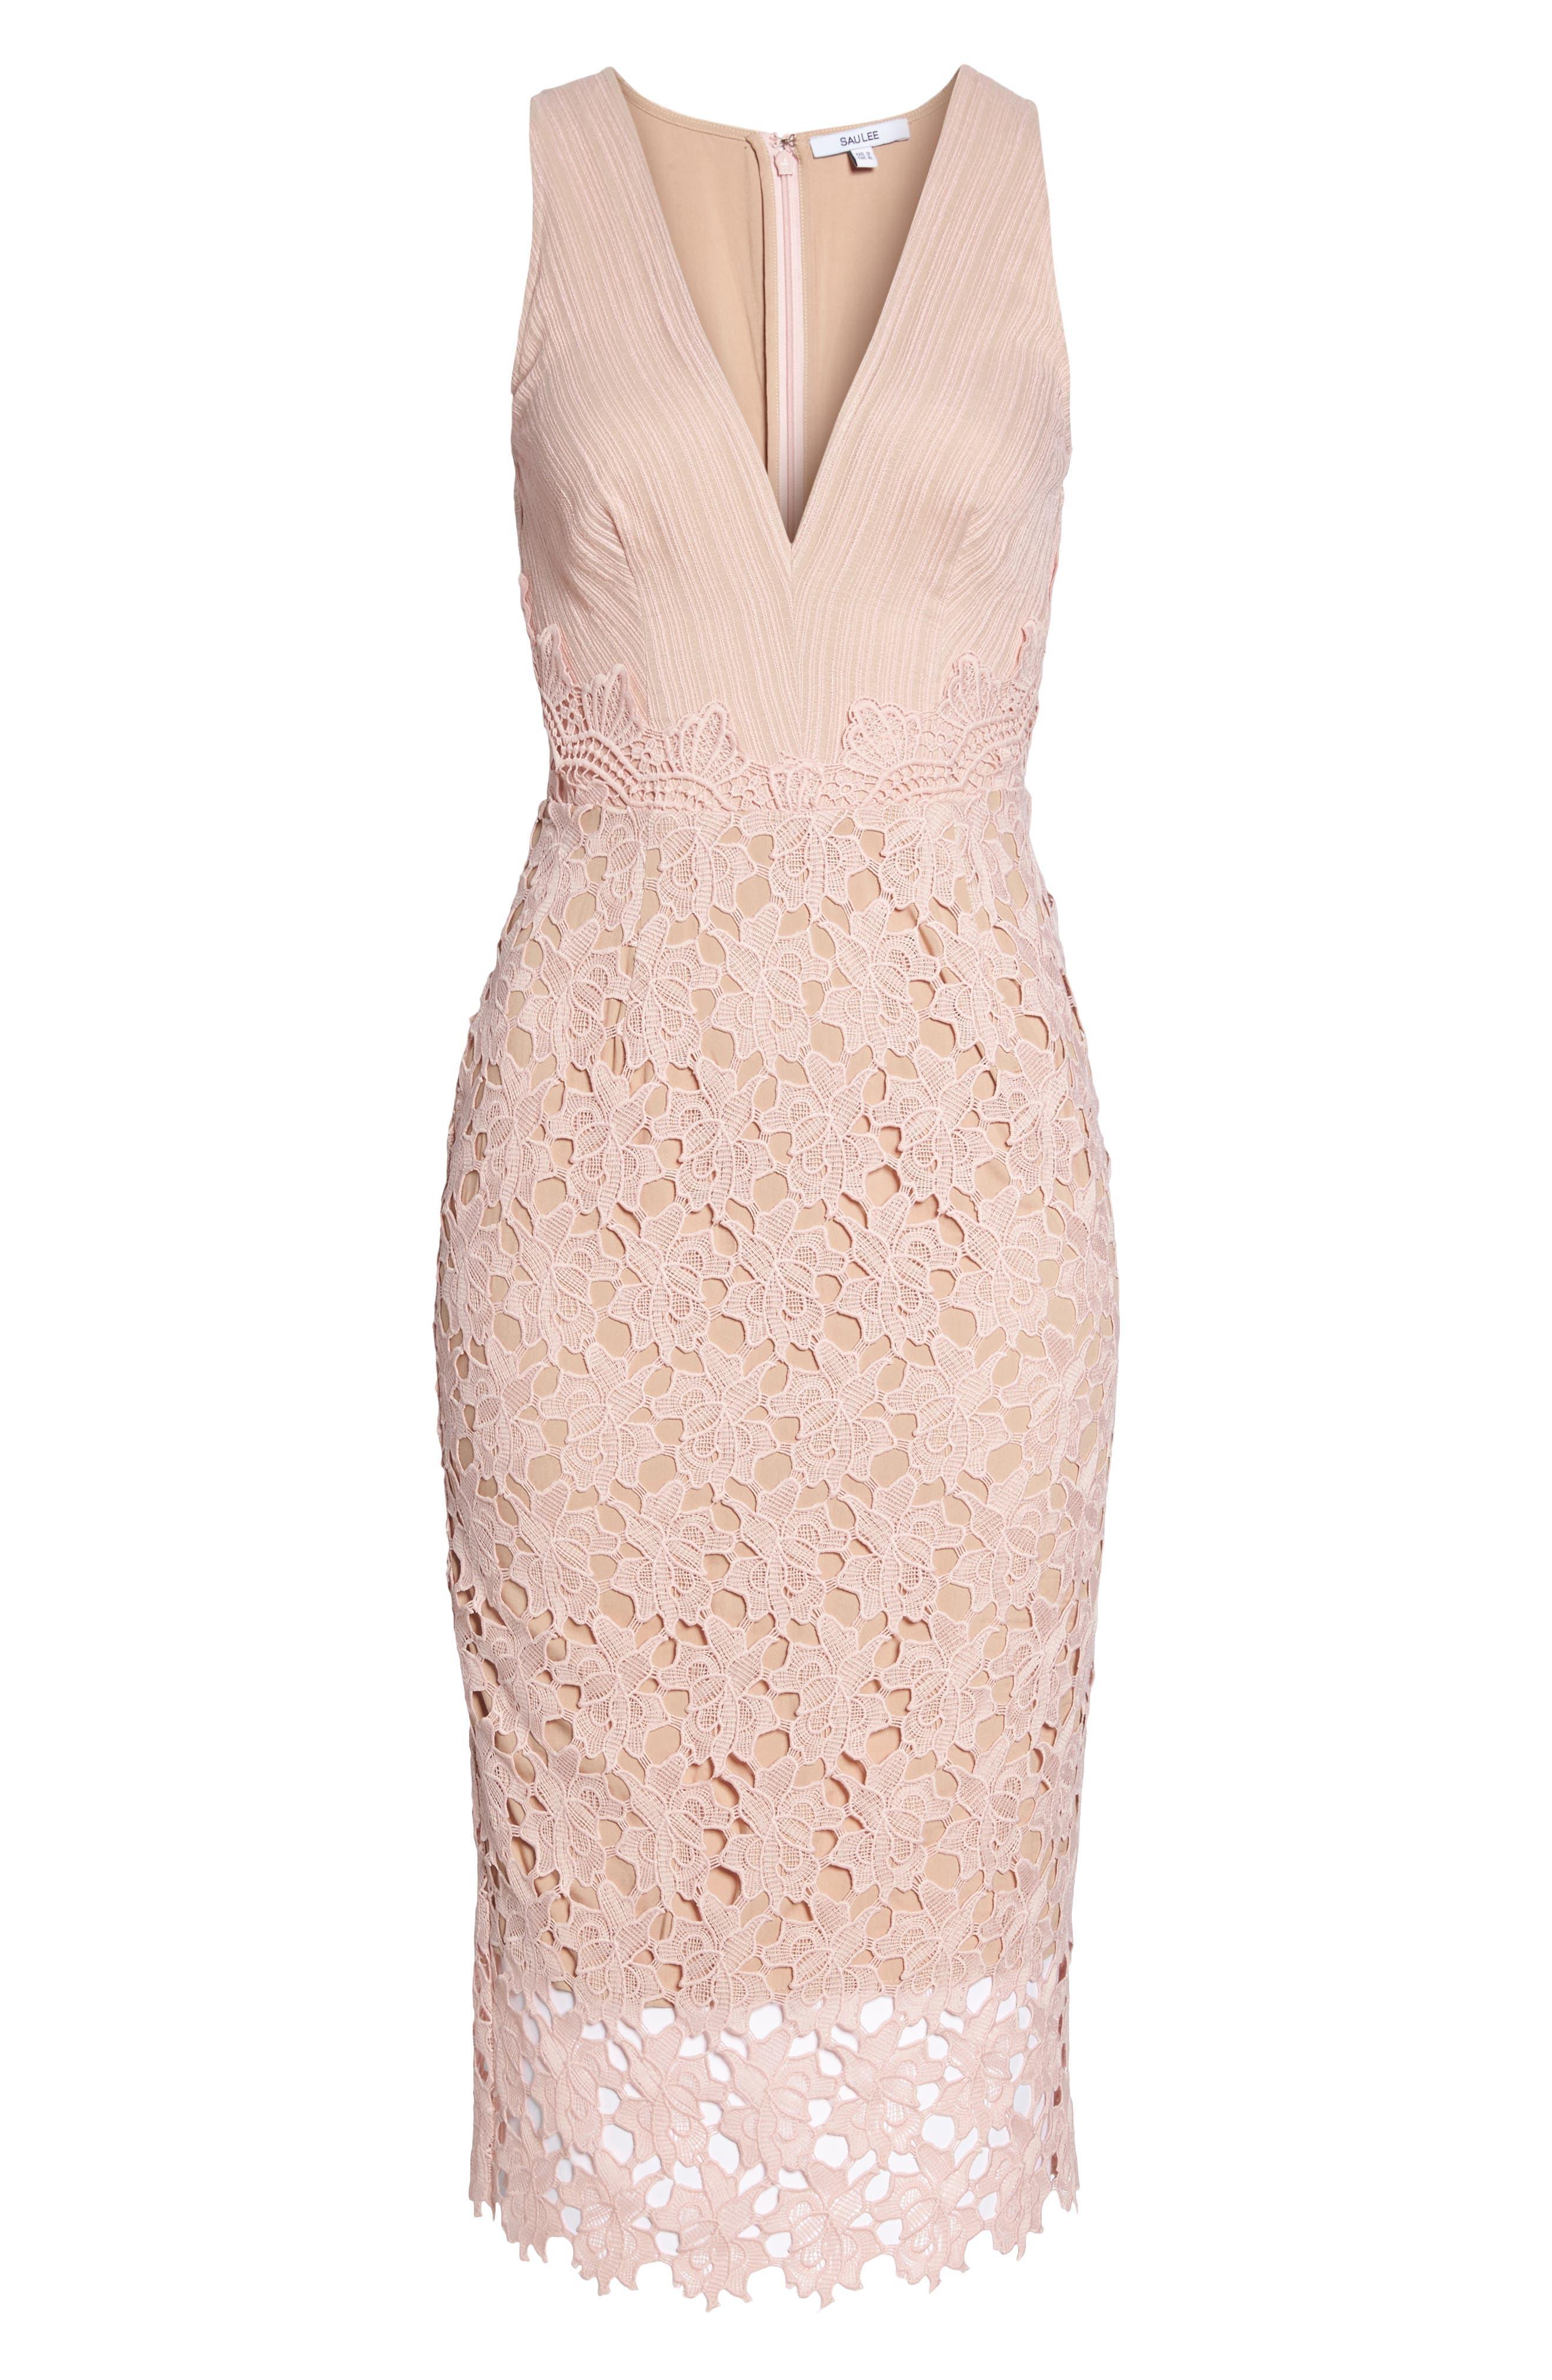 Jessie Lace Pencil Dress,                             Alternate thumbnail 6, color,                             Pink